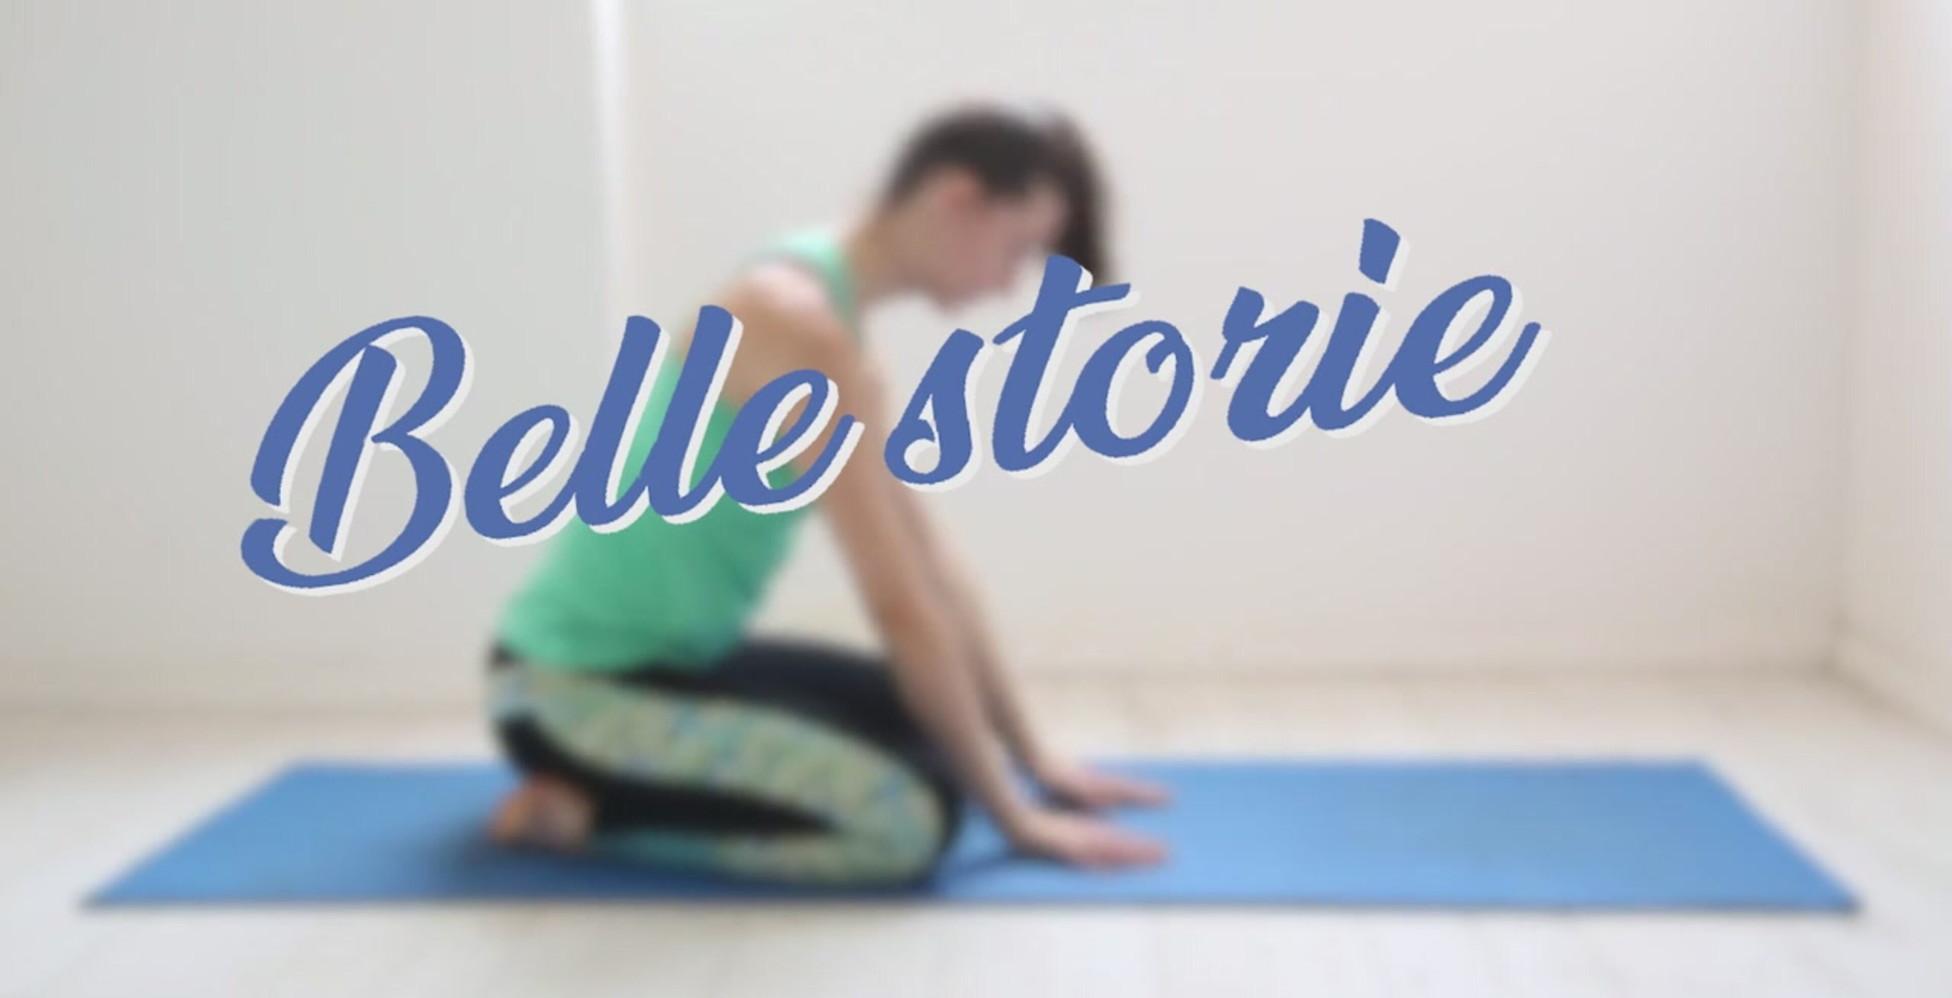 allenarsi-al-benessere:-dal-corpo-alla-mente,-la-salute-passa-da-piccoli-esercizi-quotidiani